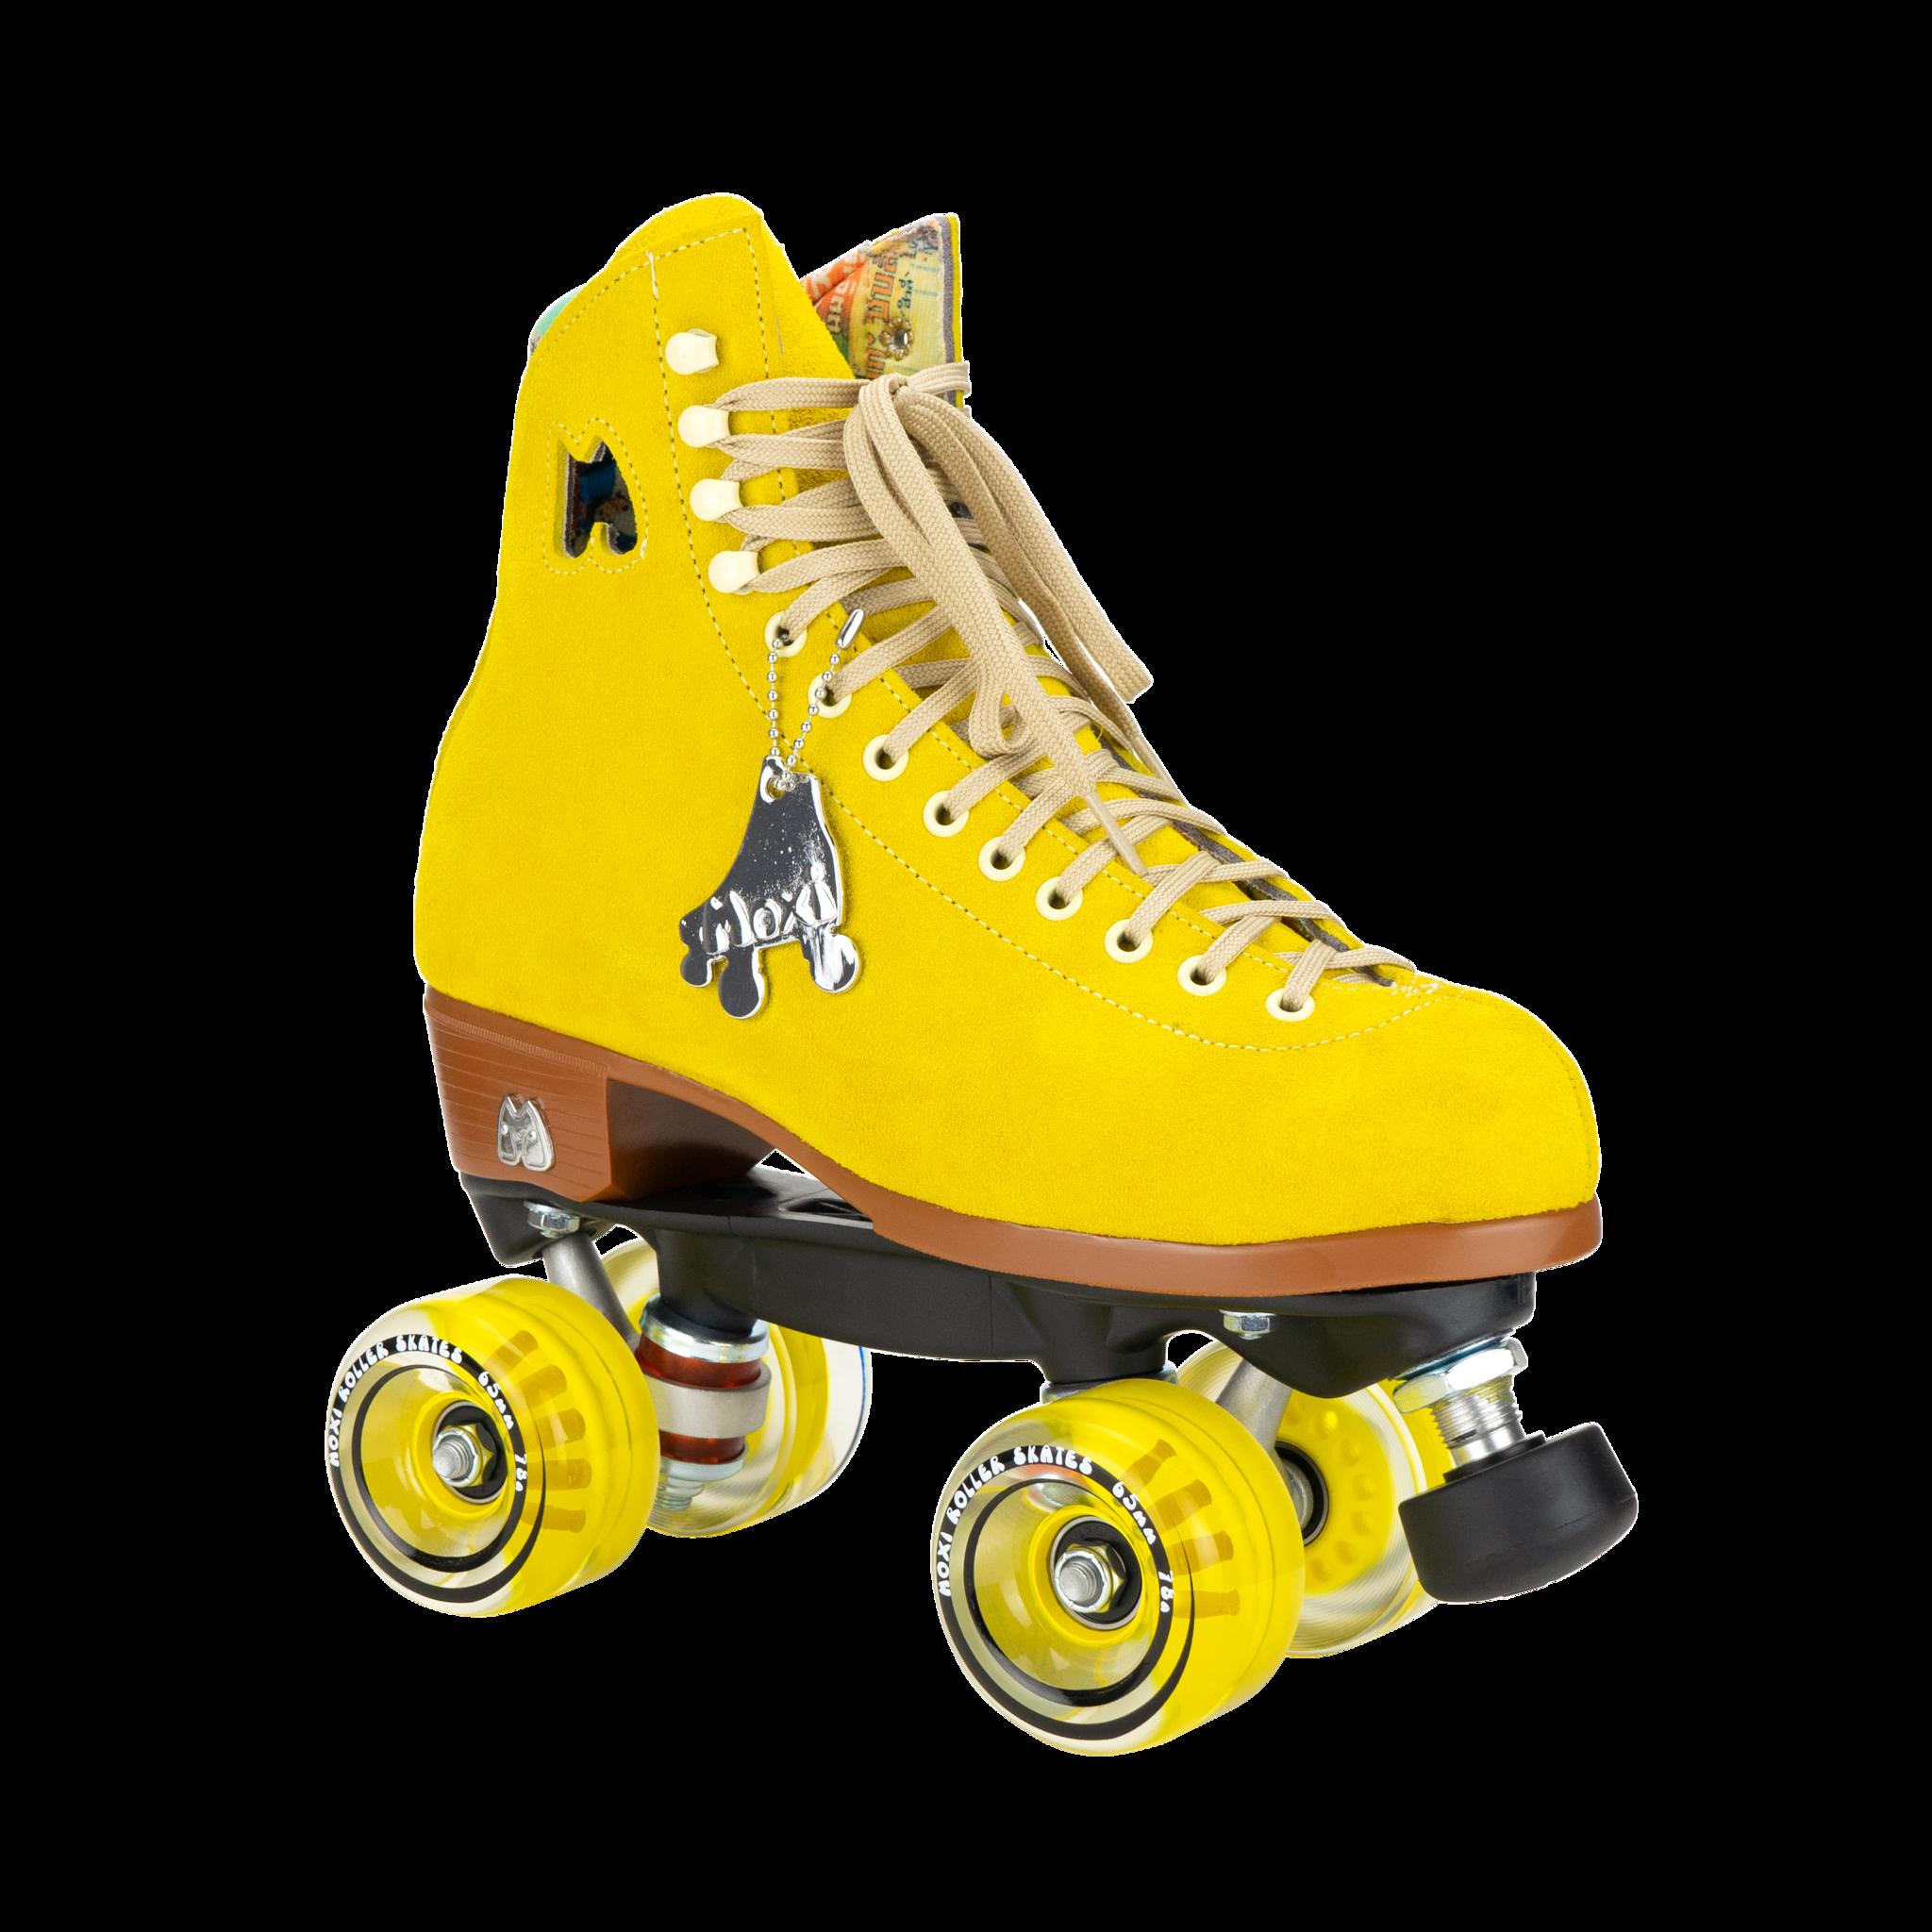 Moxi Lolly Skates Pineapple Yellow